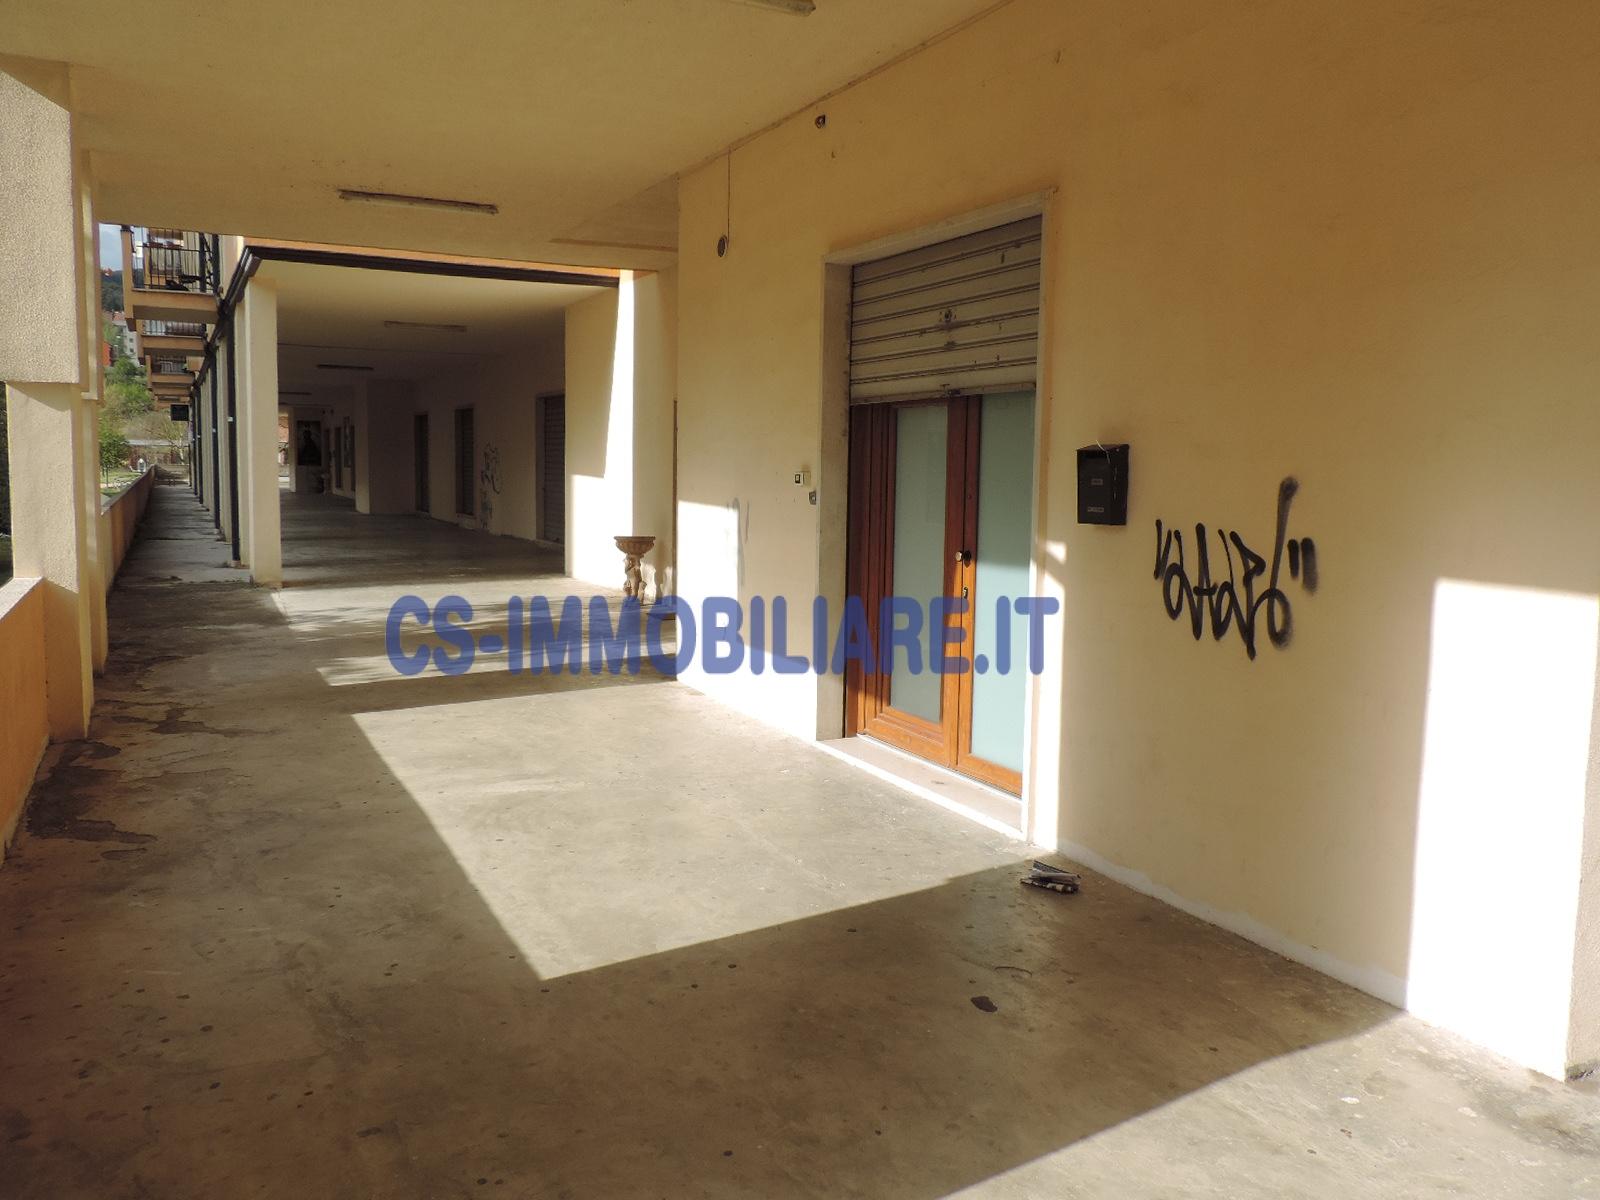 Ufficio / Studio in affitto a Potenza, 9999 locali, zona Località: PoggioTreGalli, prezzo € 230 | CambioCasa.it